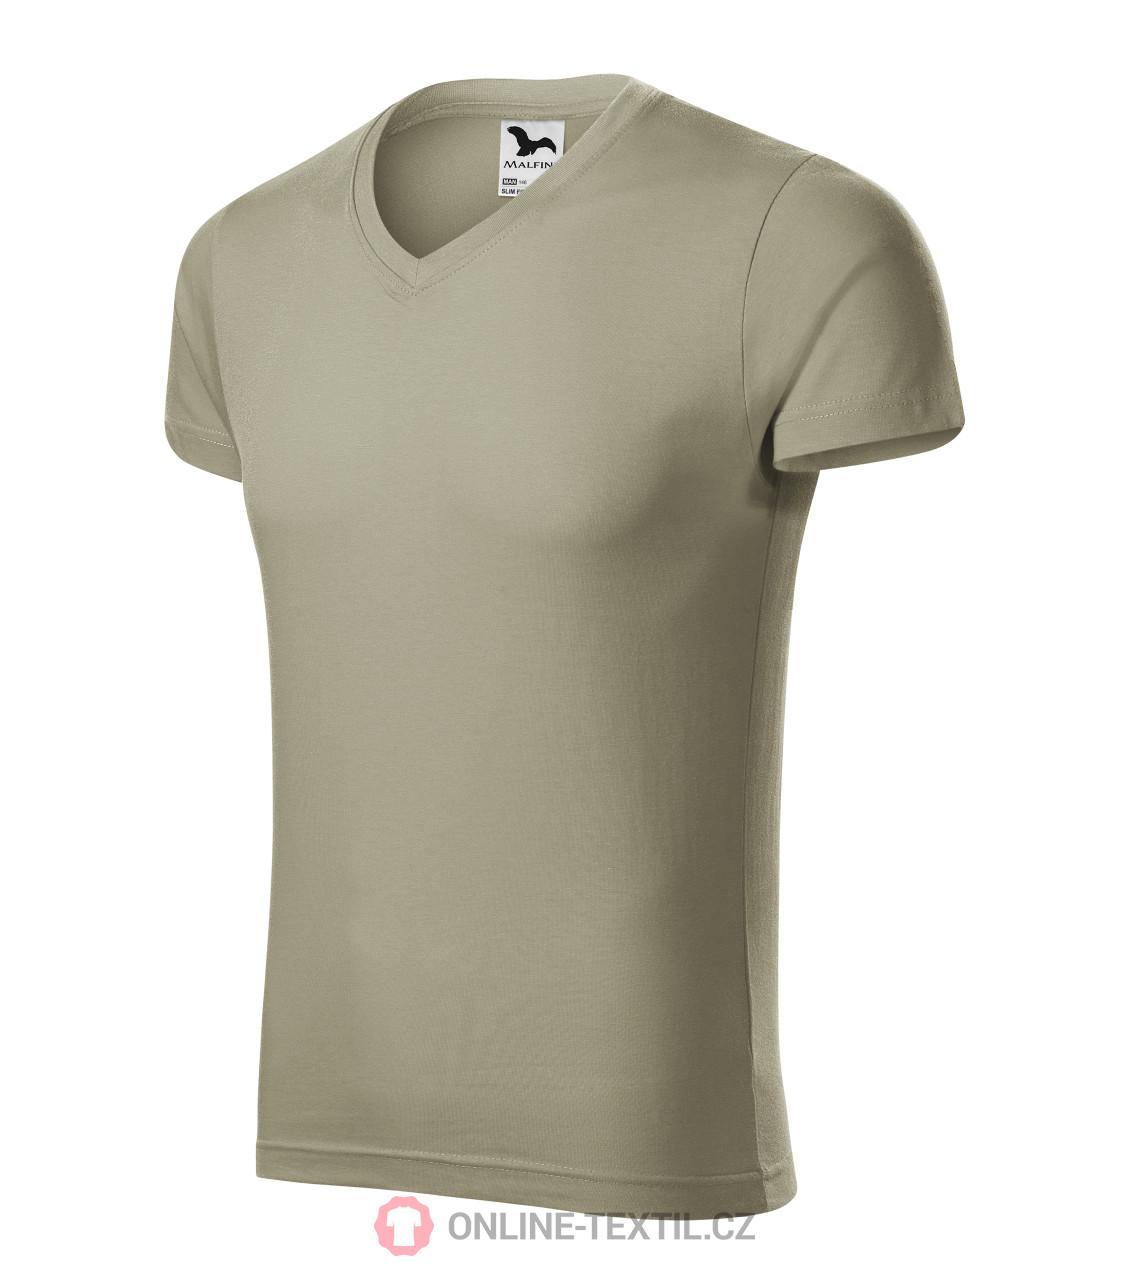 7b916a32b4f1 ADLER CZECH Přiléhavé pánské tričko Slim Fit V-neck vyšší gramáže ...